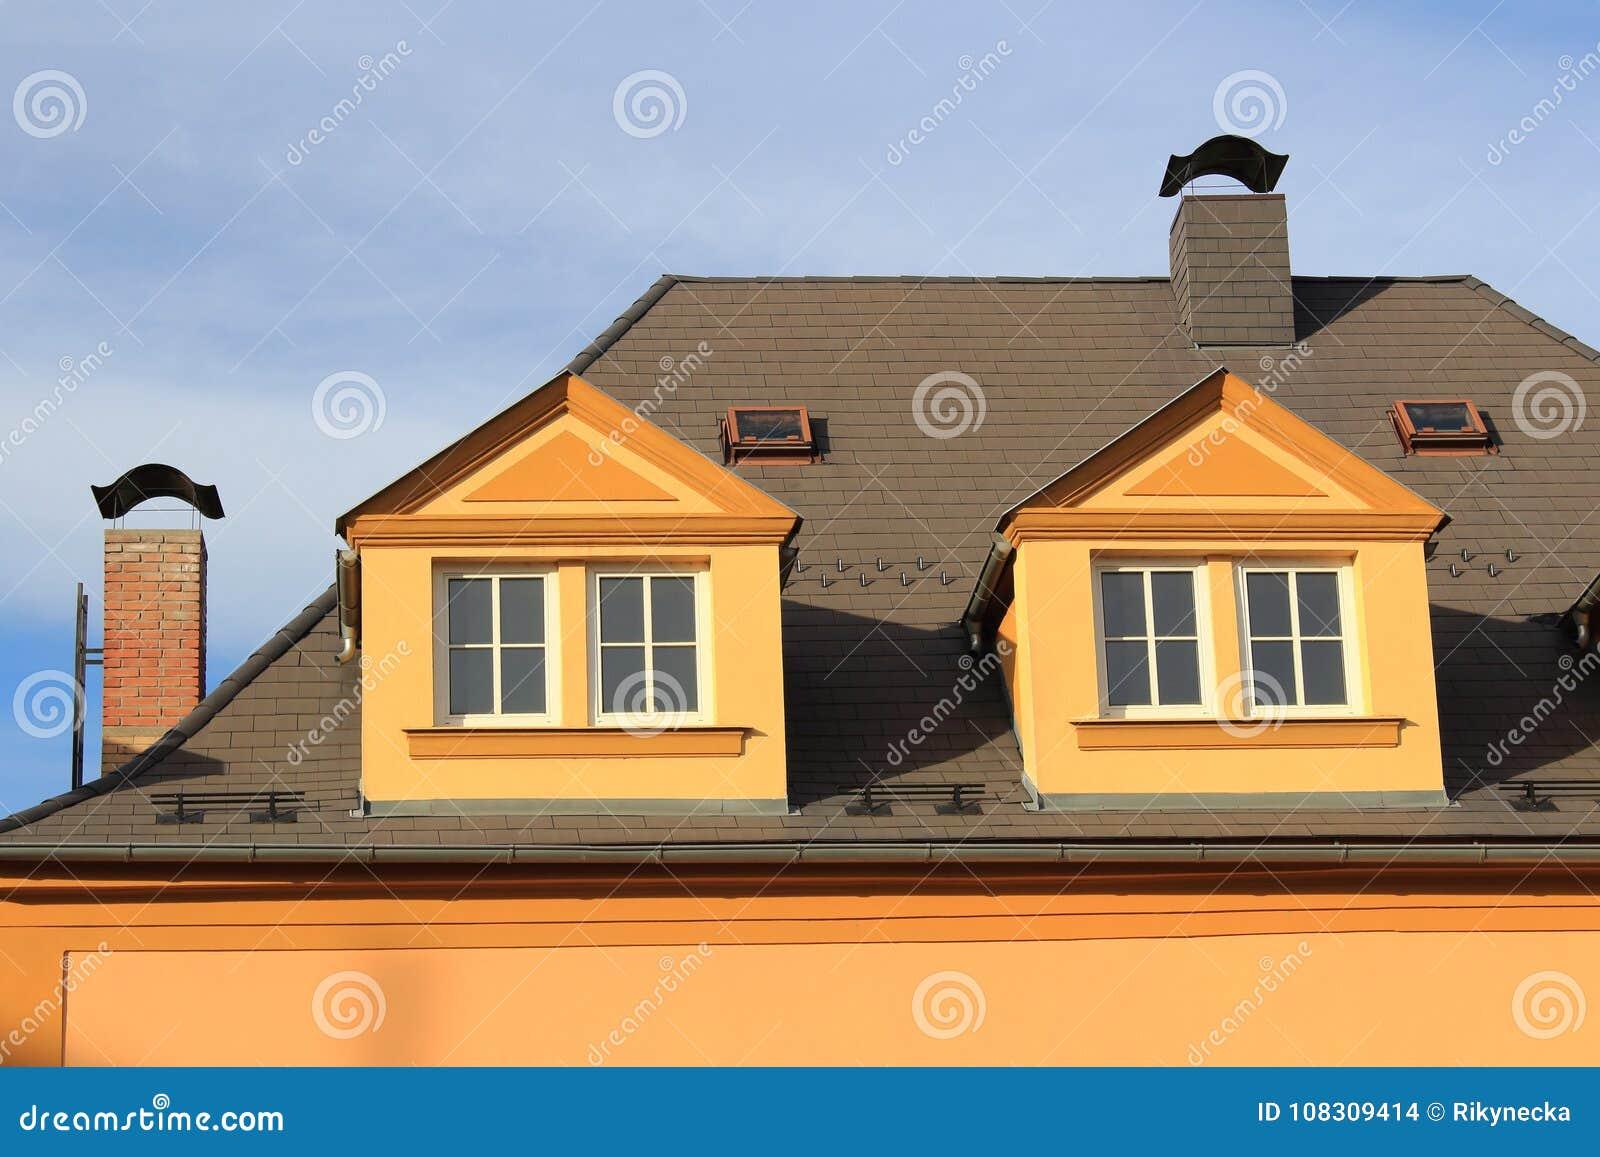 Camini In Mattoni Rossi : Un tetto di grande casa della città con due camini dei mattoni con